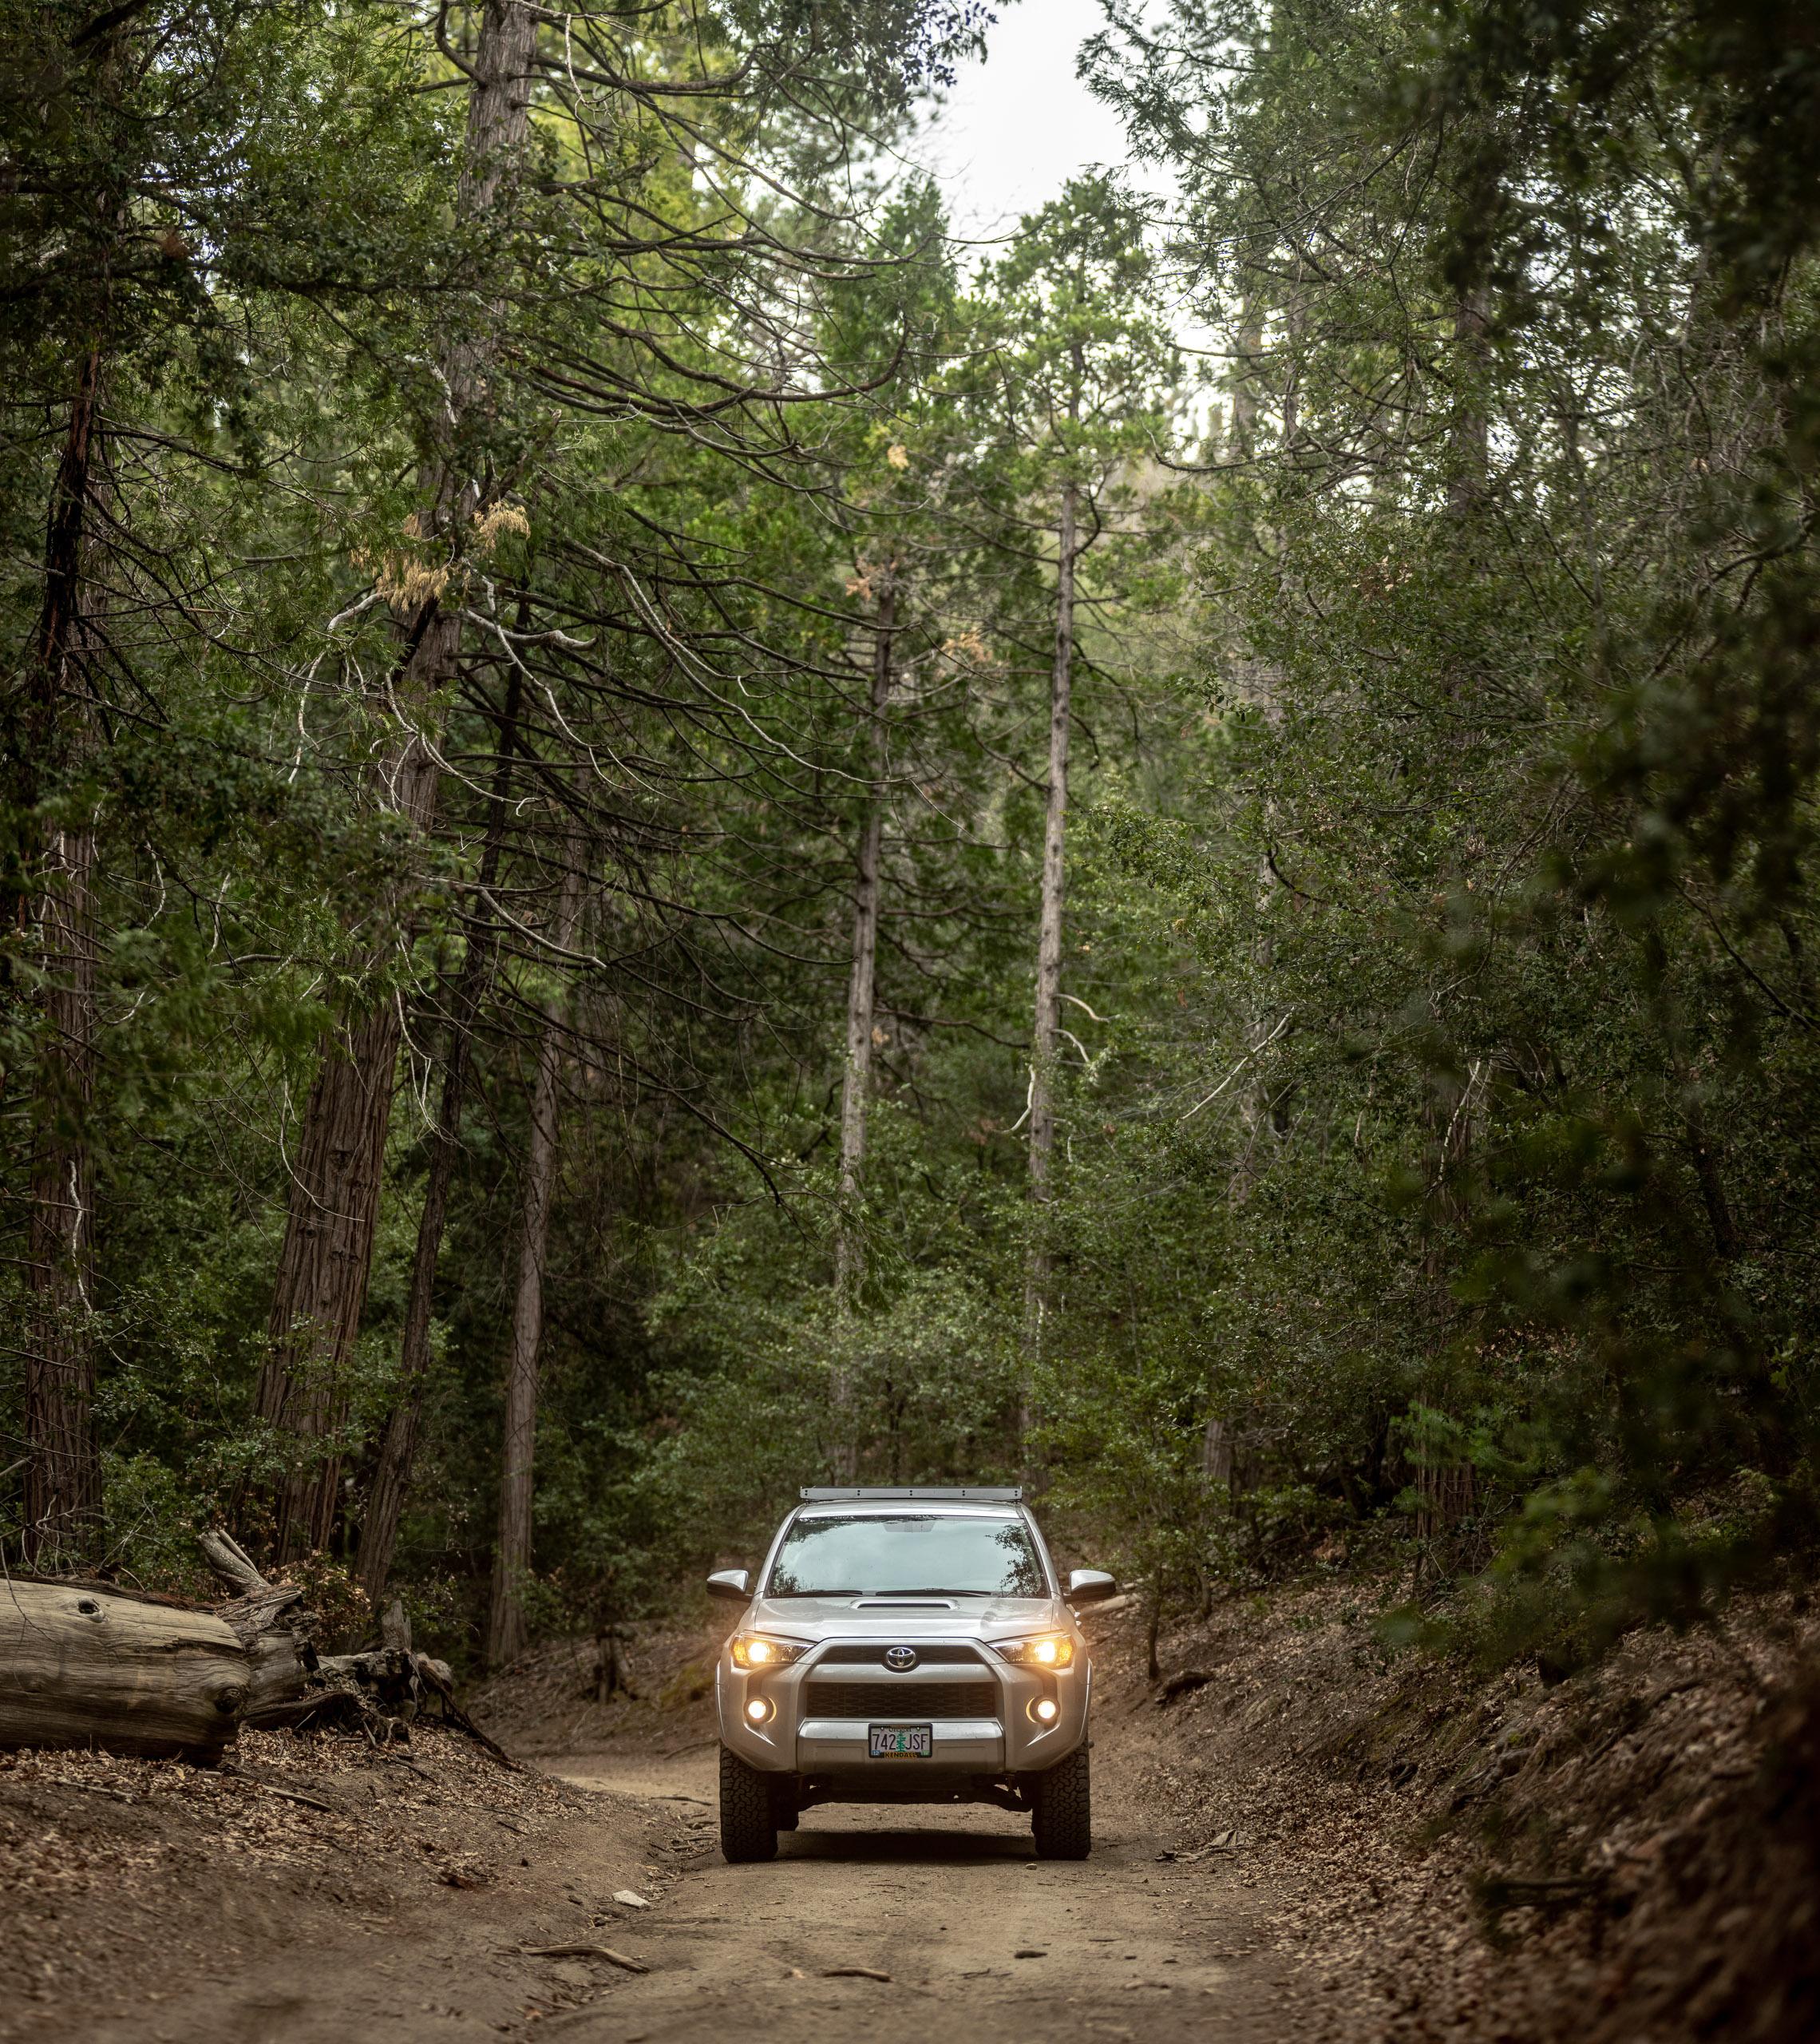 forest-toyota-4runner-dirt-road.jpg